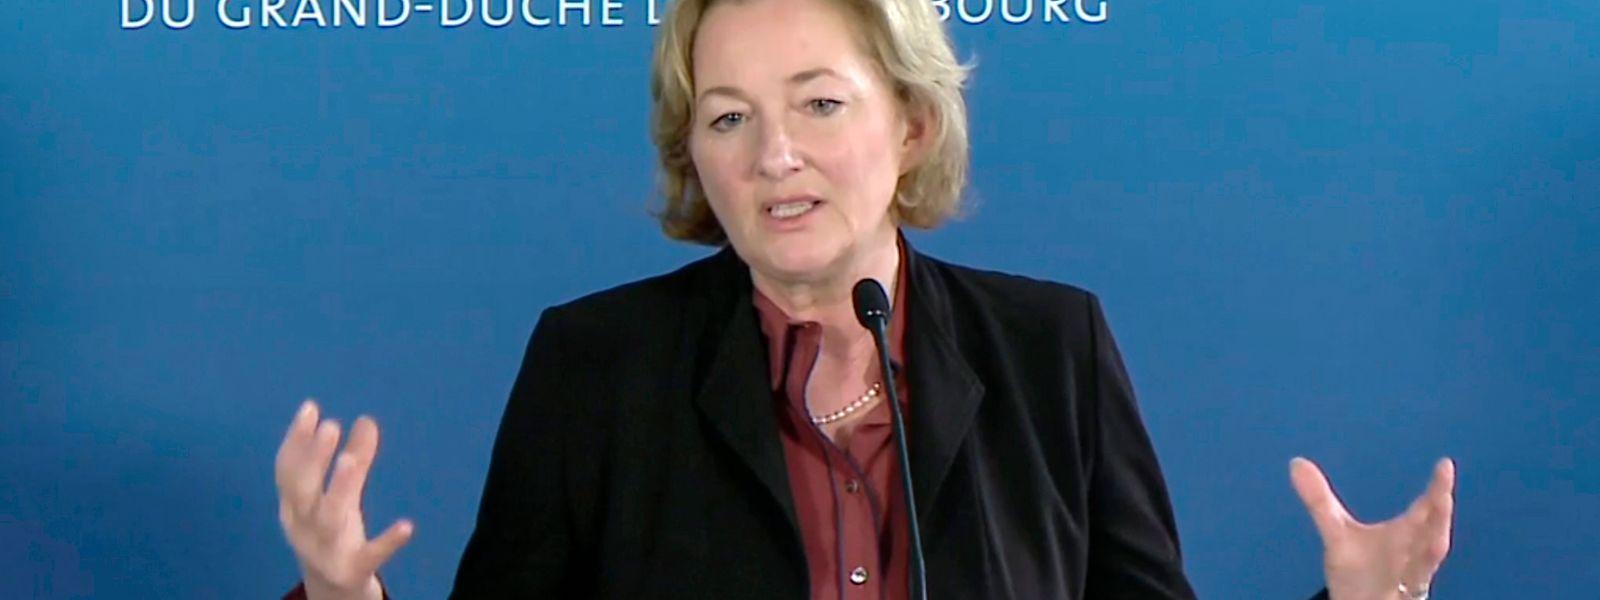 La ministre de la Santé, Paulette Lenert annonce le pic infectieux d'ici 14 jours